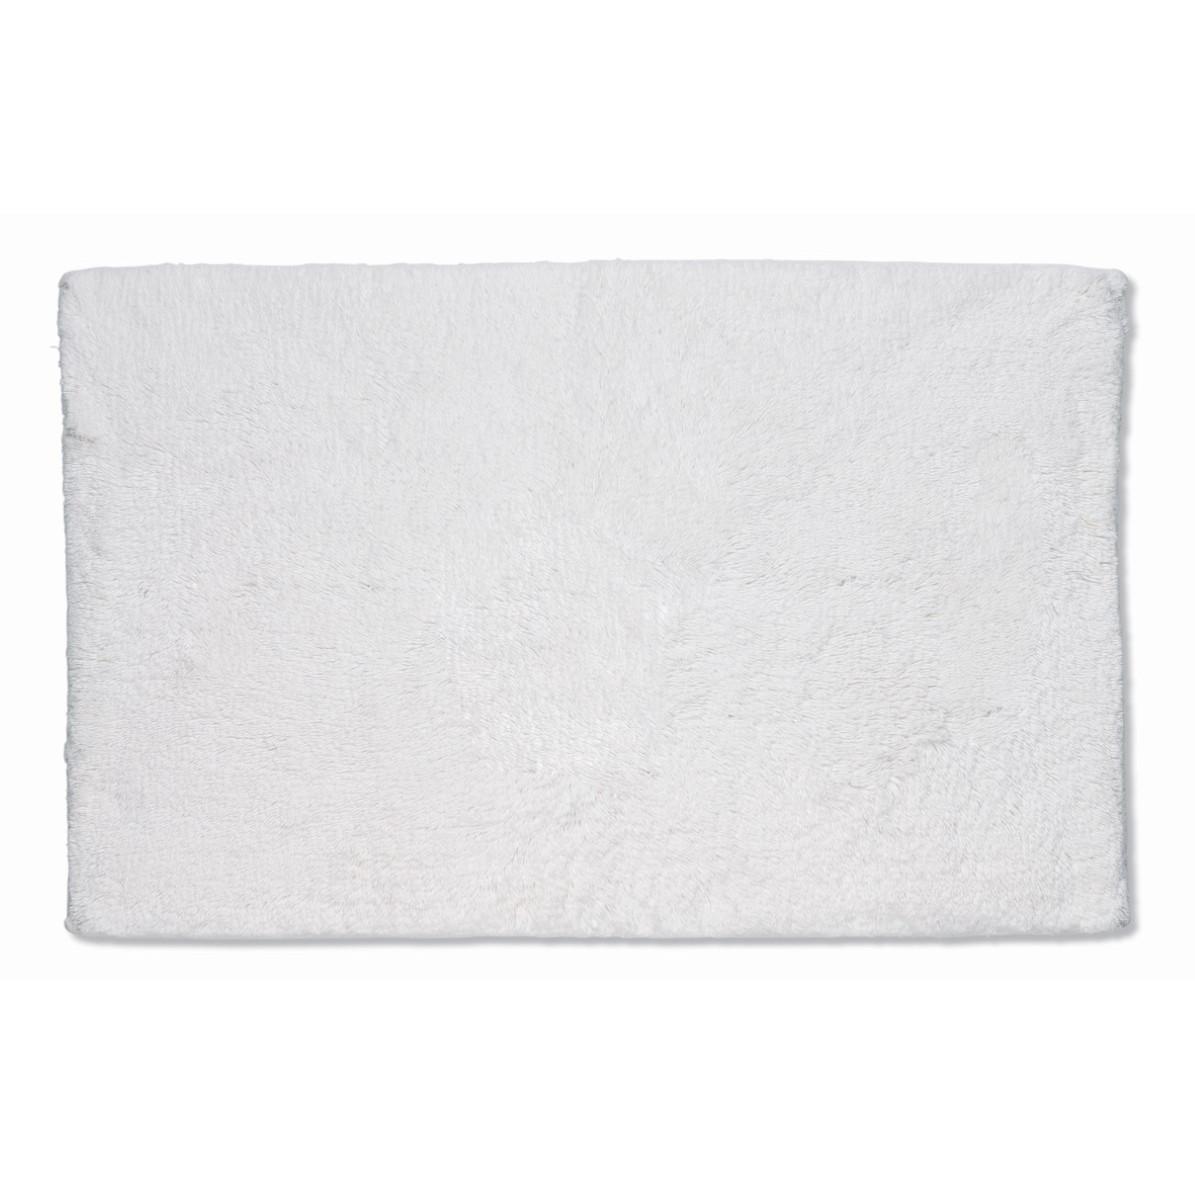 Badematte Ladessa Uni Weiß | 65 x 55 x 2 cm